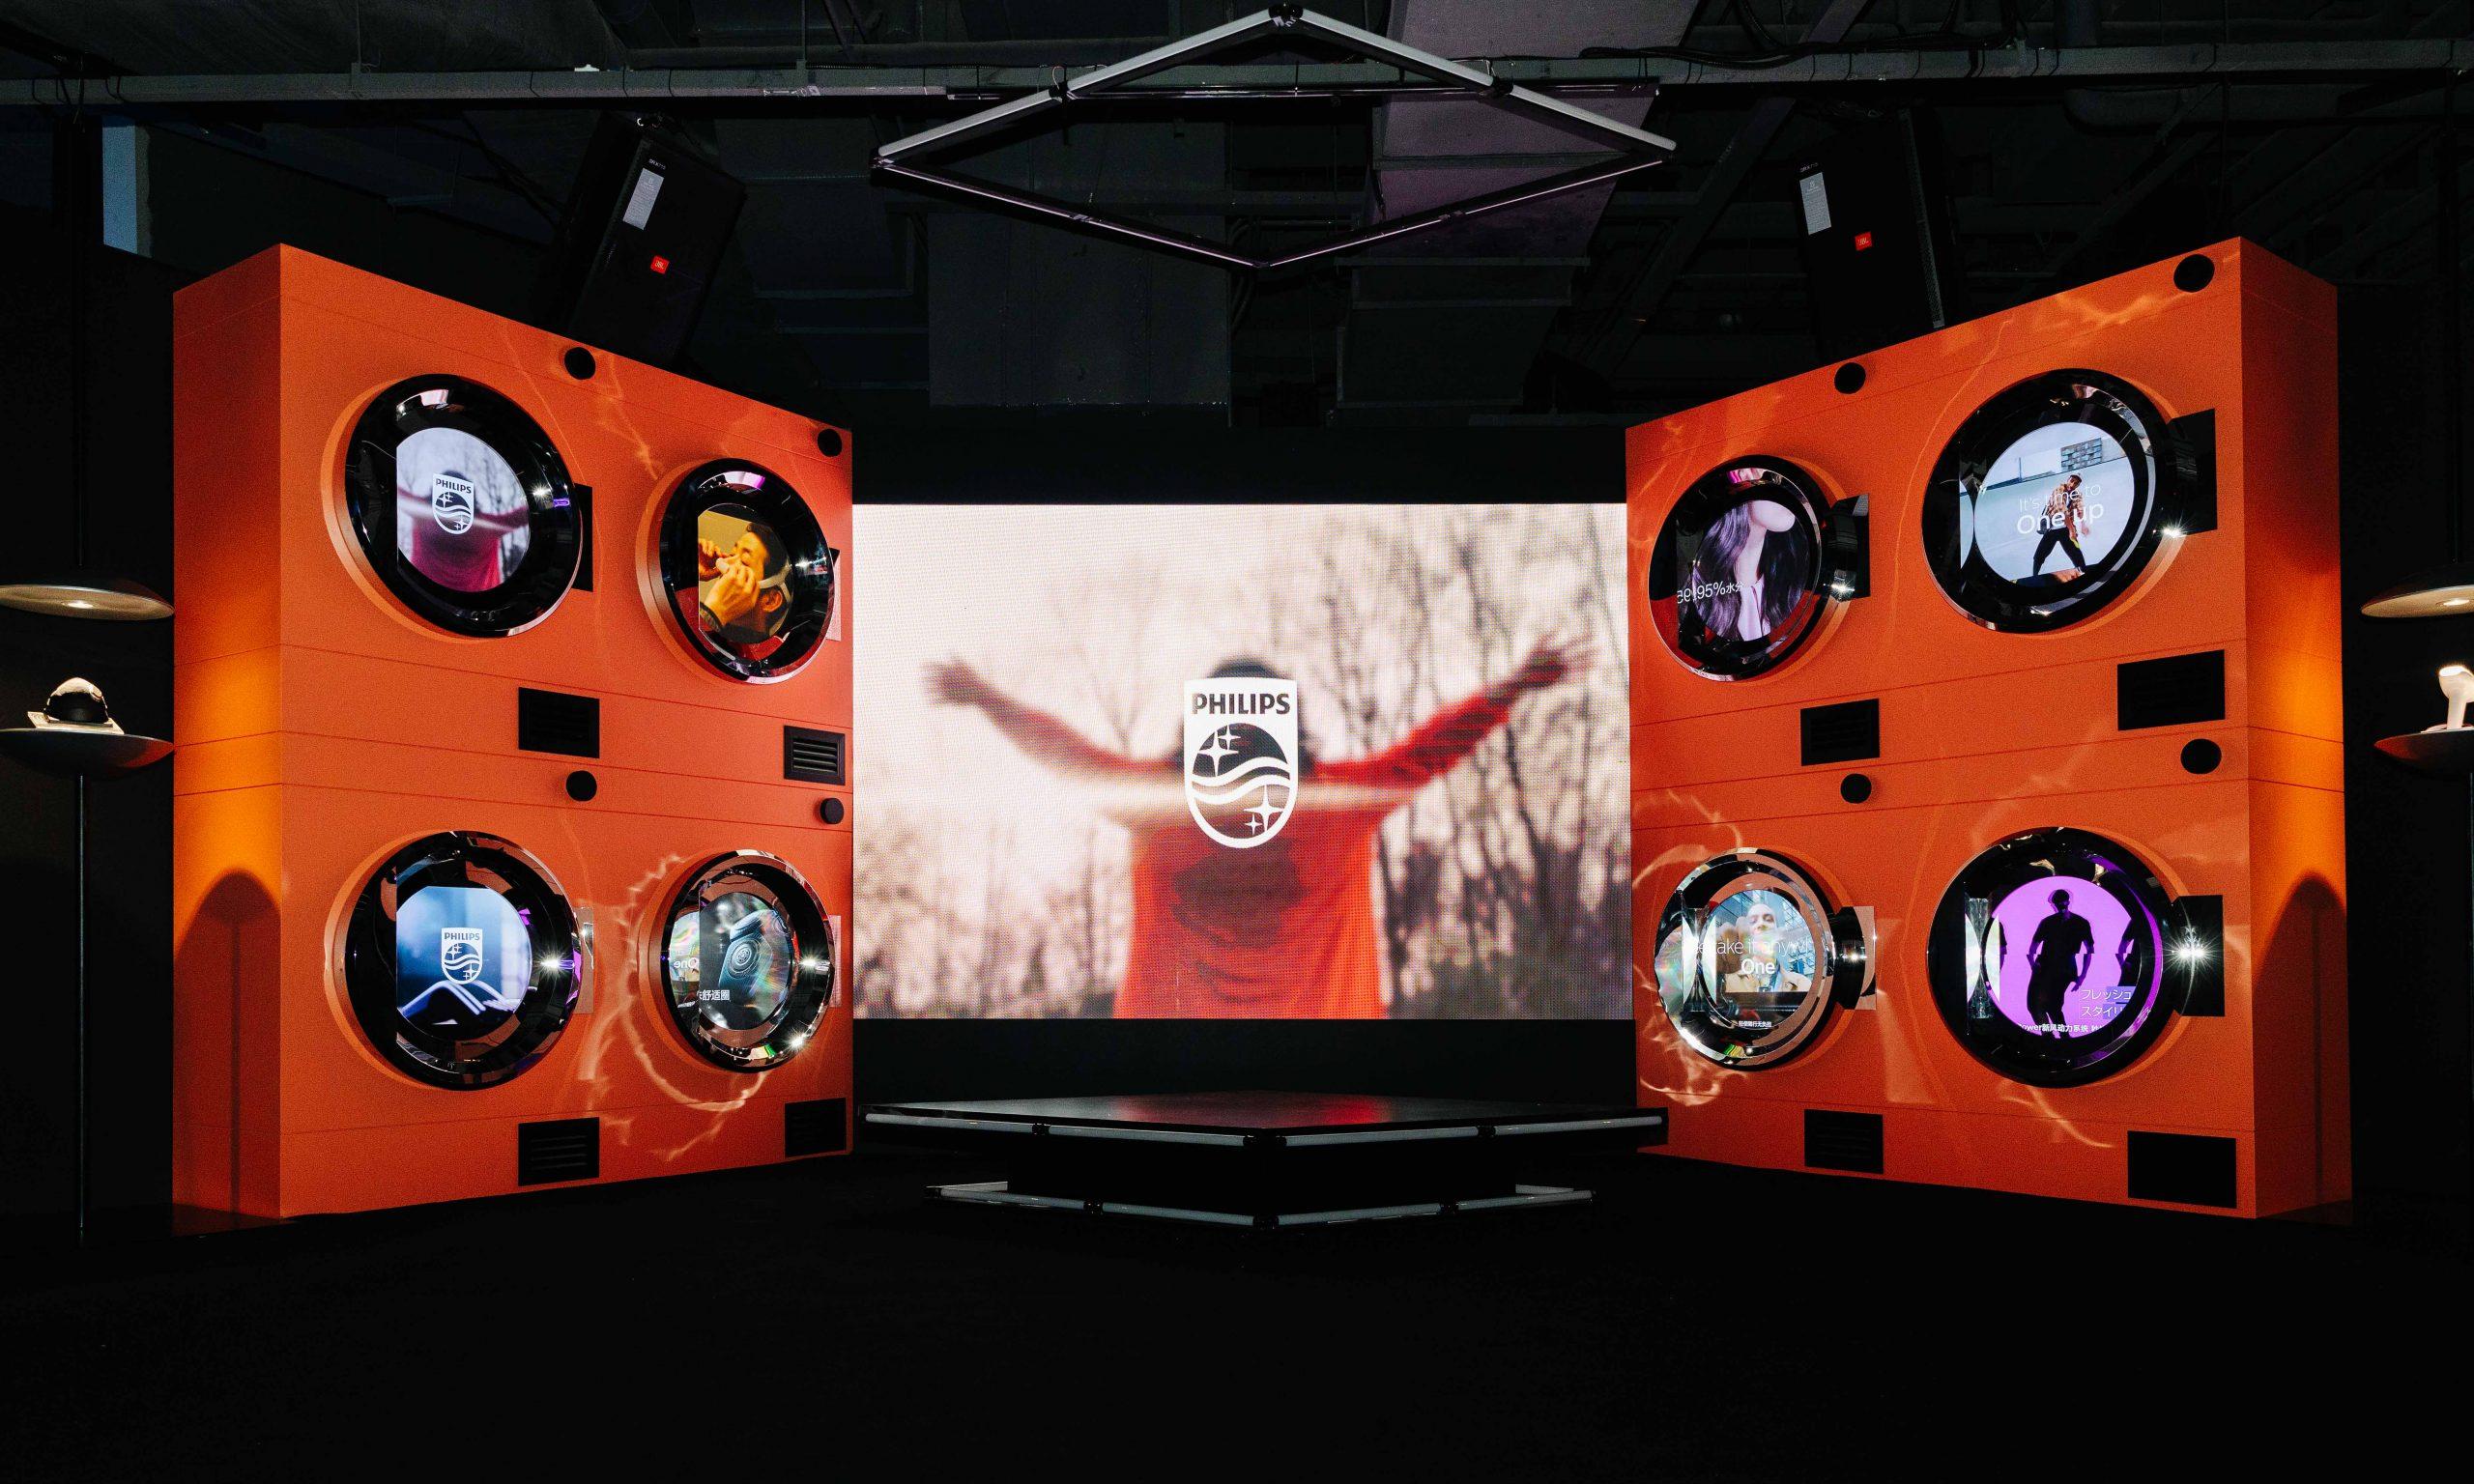 「超时空元气站」,属于 Z 世代的元气治愈之旅。